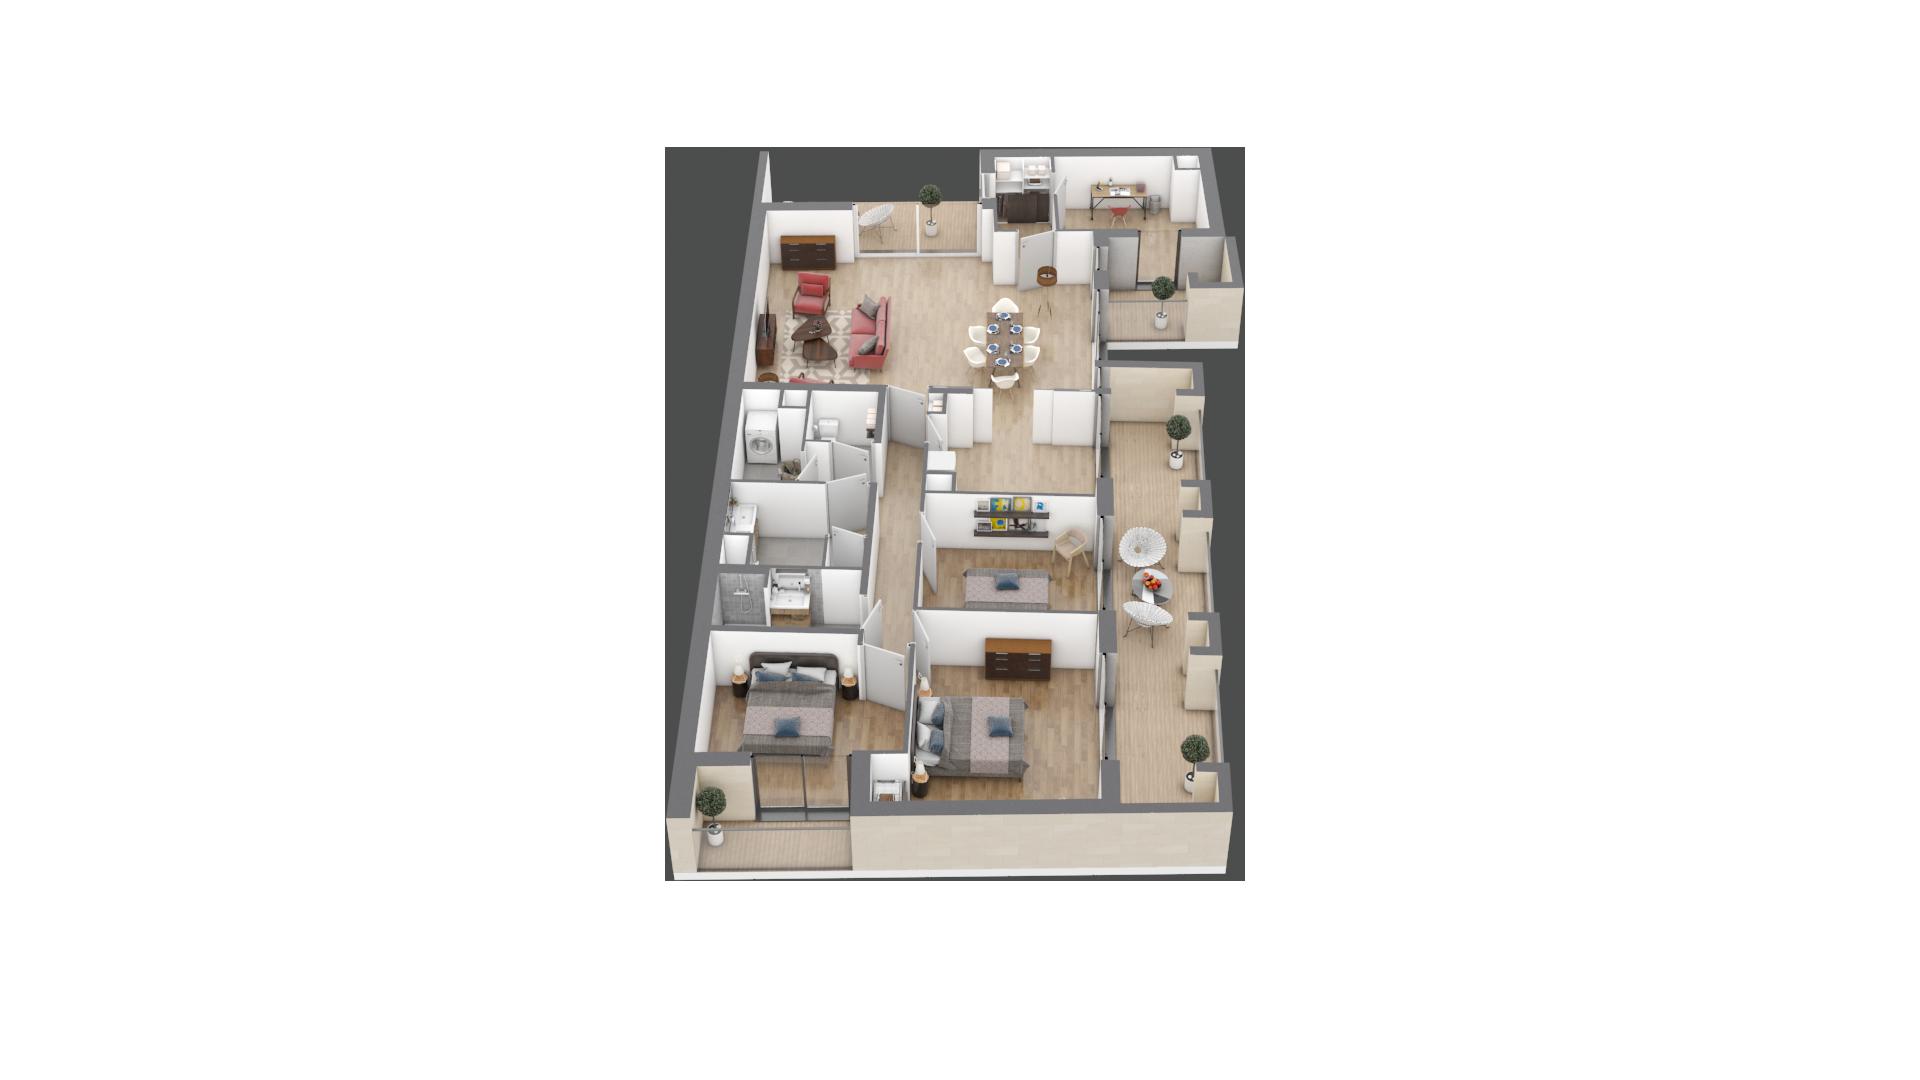 appartement A101 de type T5